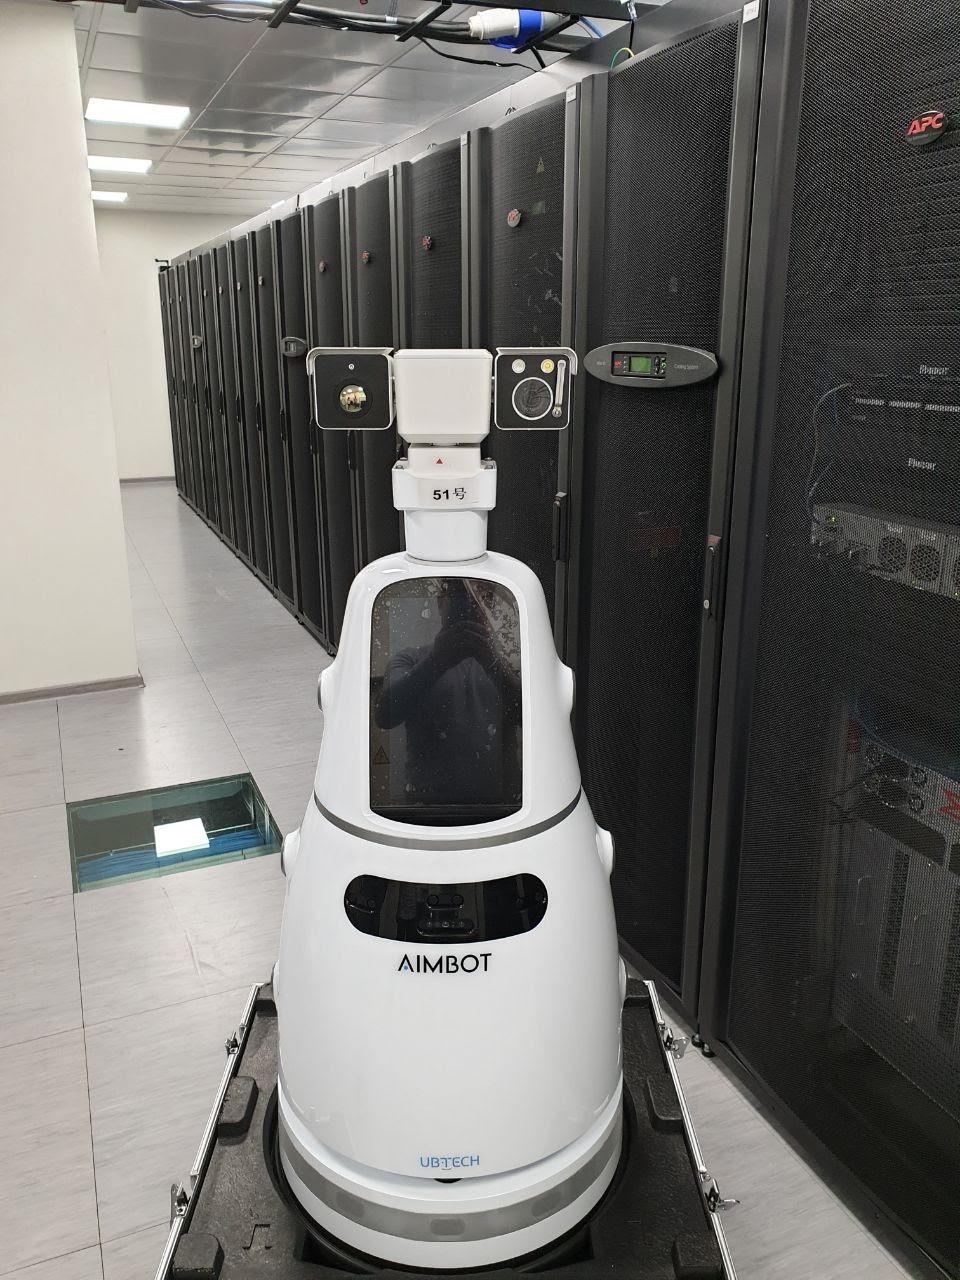 Будущее наступает: китайские роботы приехали в Россию - 8